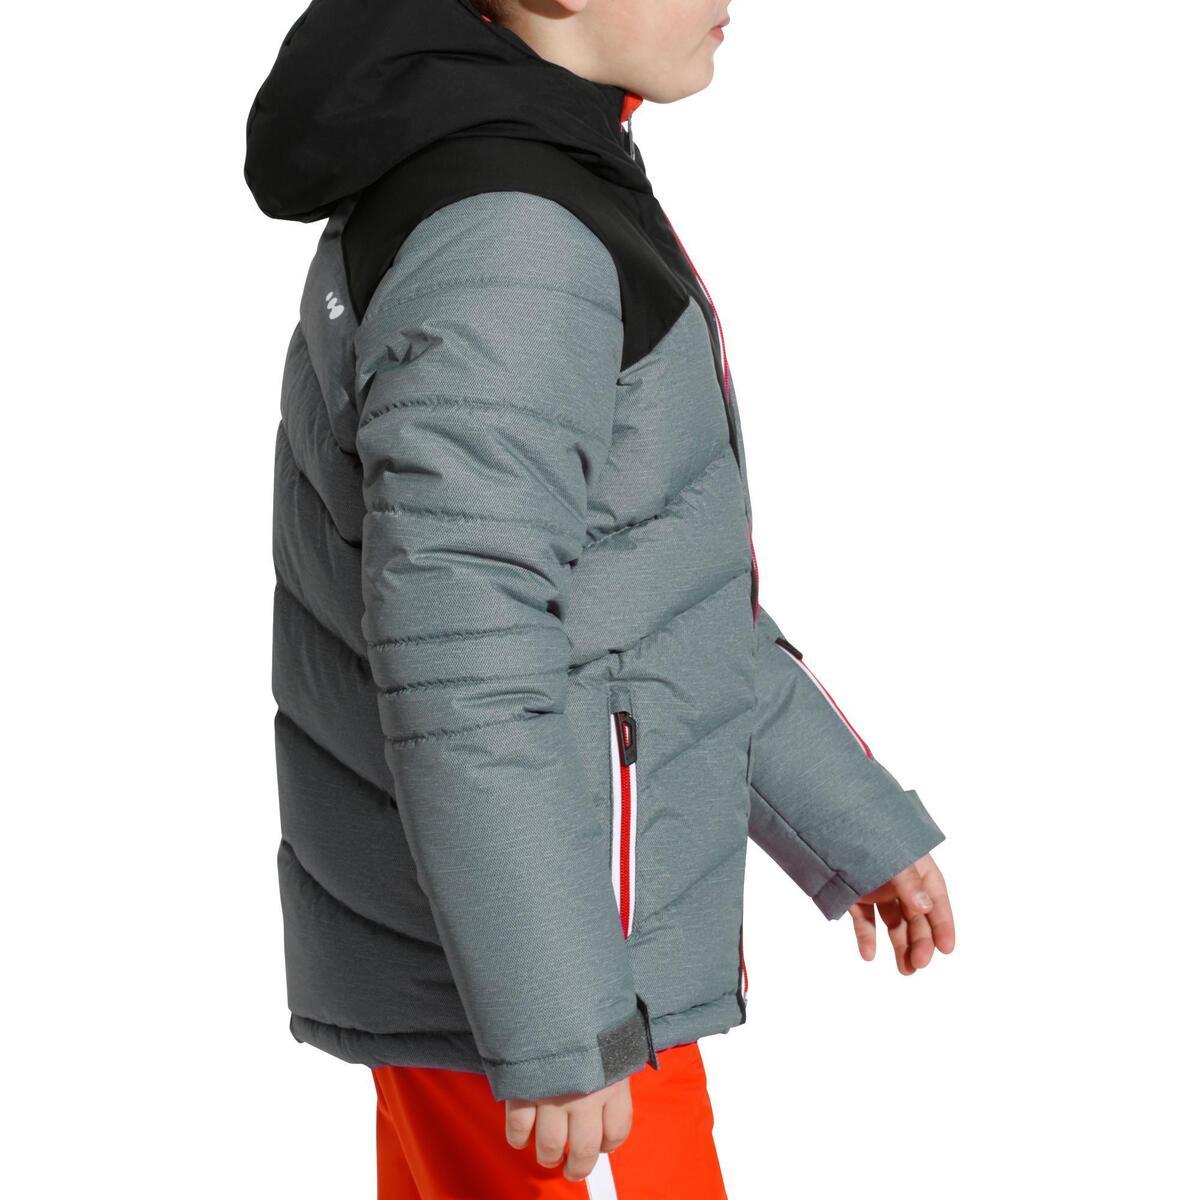 Bild 4 von Skijacke Warm 500 Kinder grau/schwarz